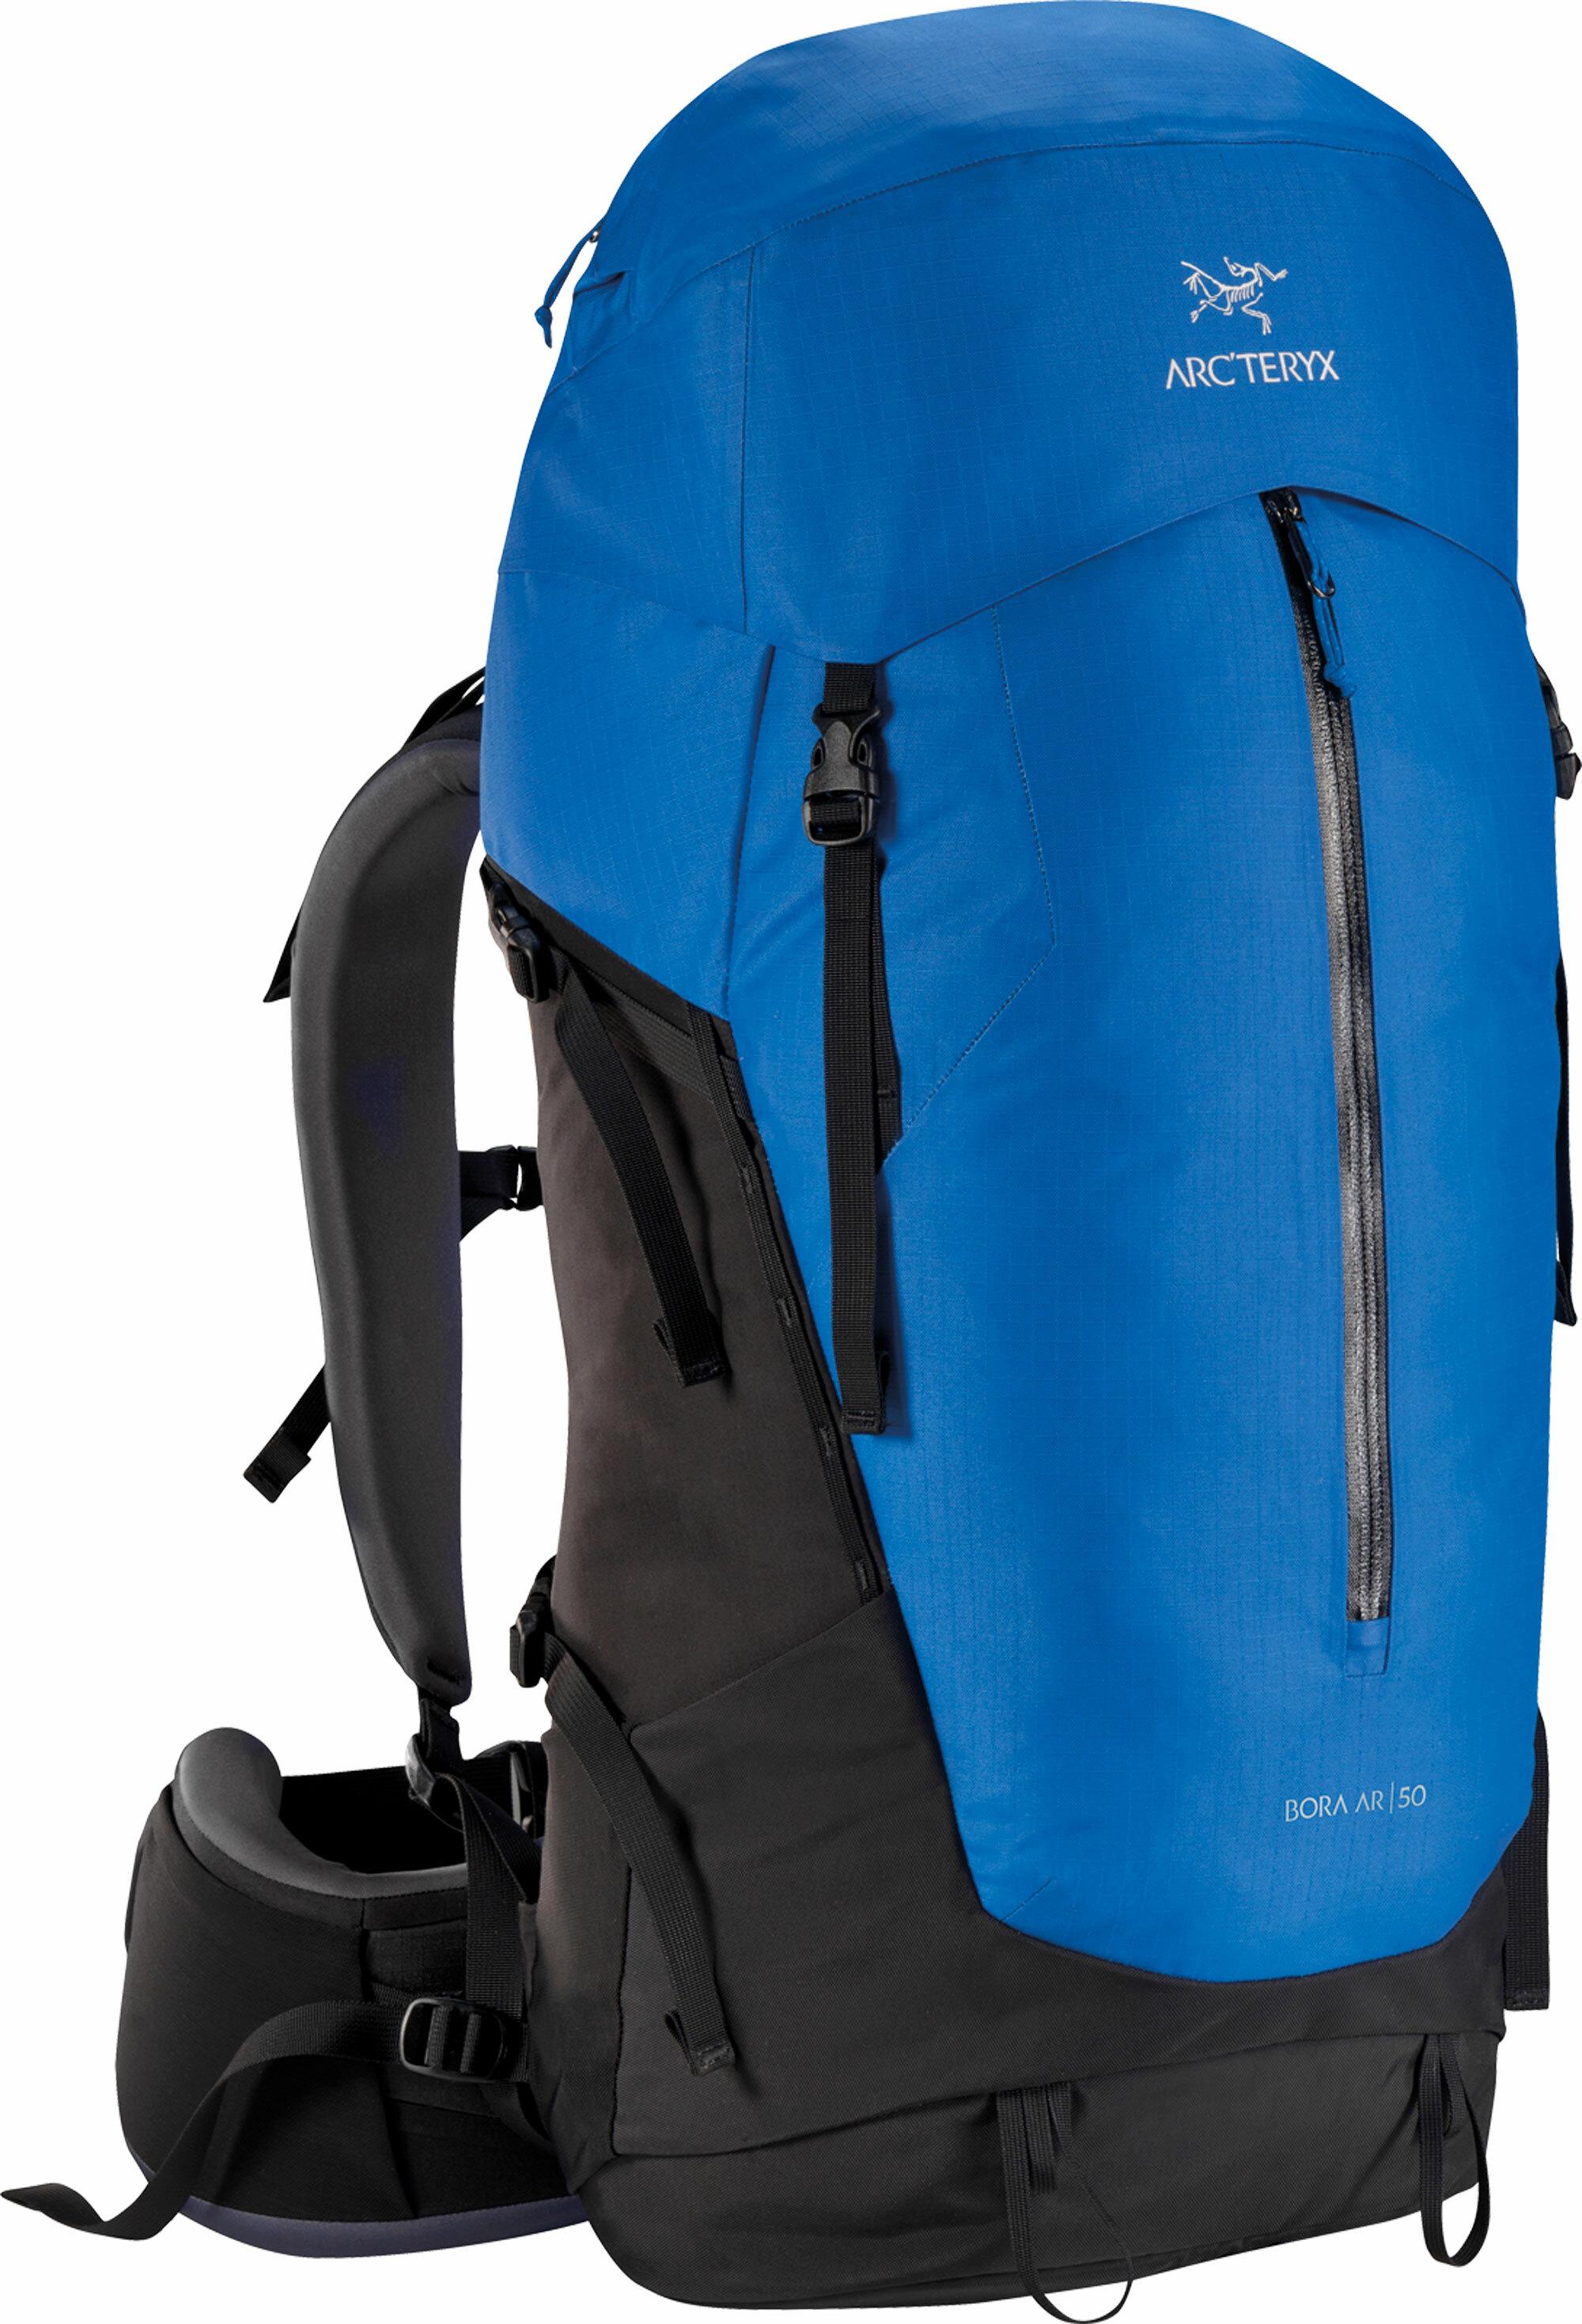 Arcteryx Bora AR 50 Backpack